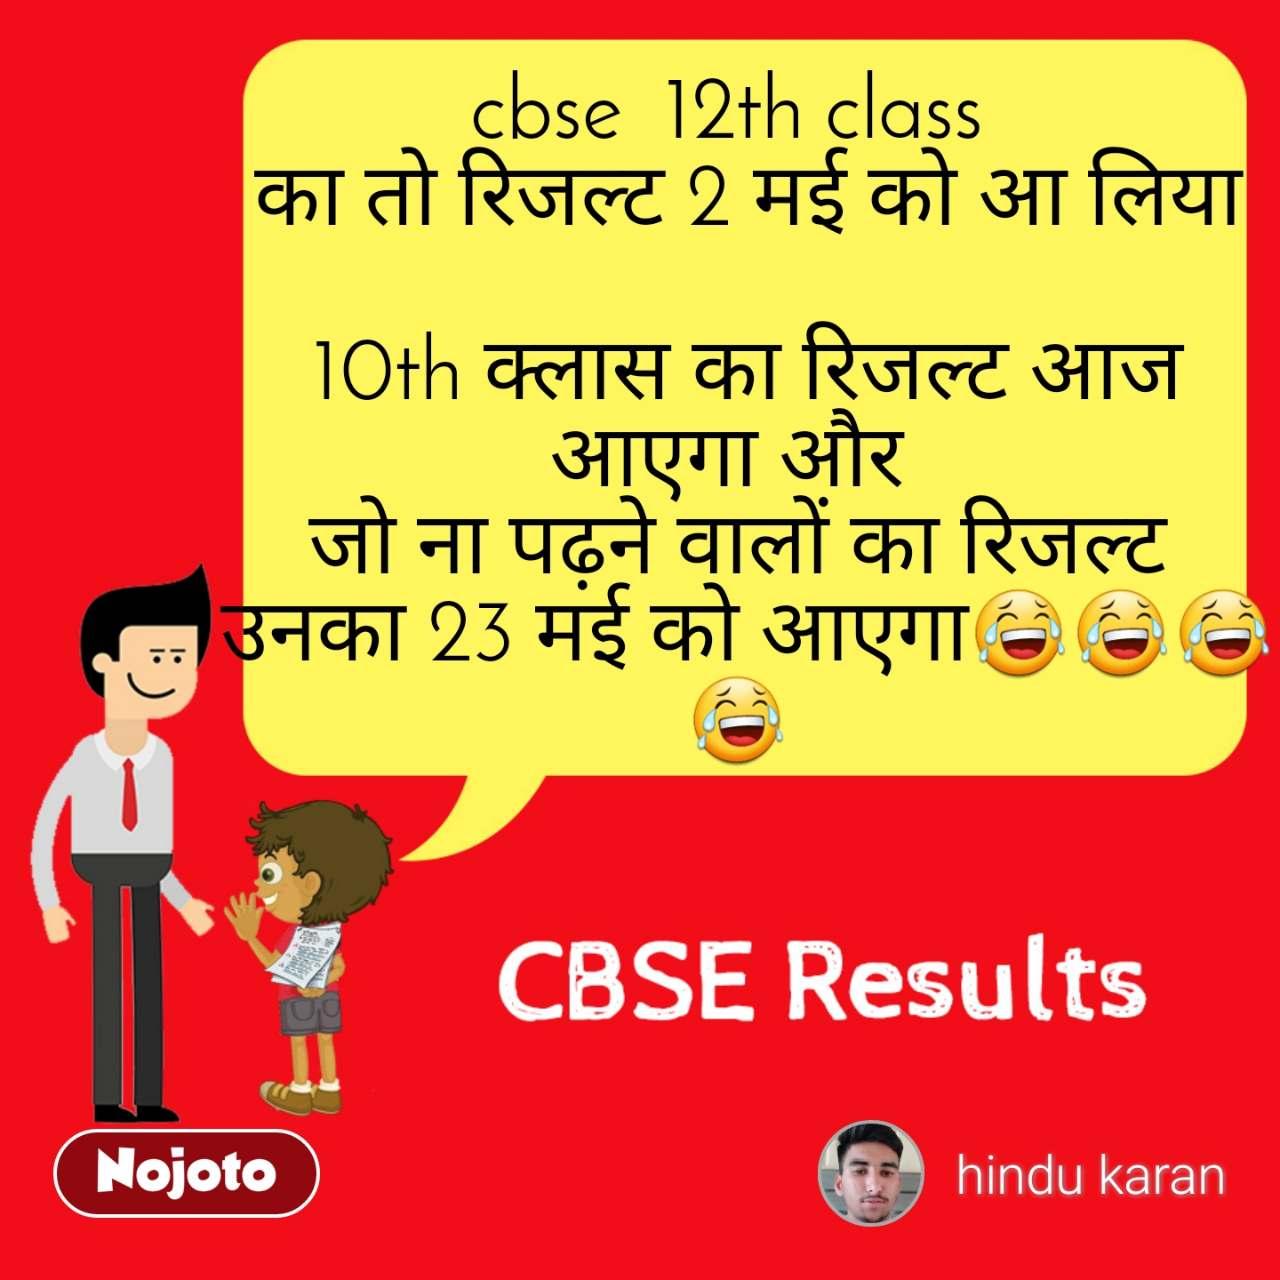 cbse results cbse  12th class   का तो रिजल्ट 2 मई को आ लिया   10th क्लास का रिजल्ट आज आएगा और  जो ना पढ़ने वालों का रिजल्ट  उनका 23 मई को आएगा😂😂😂😂